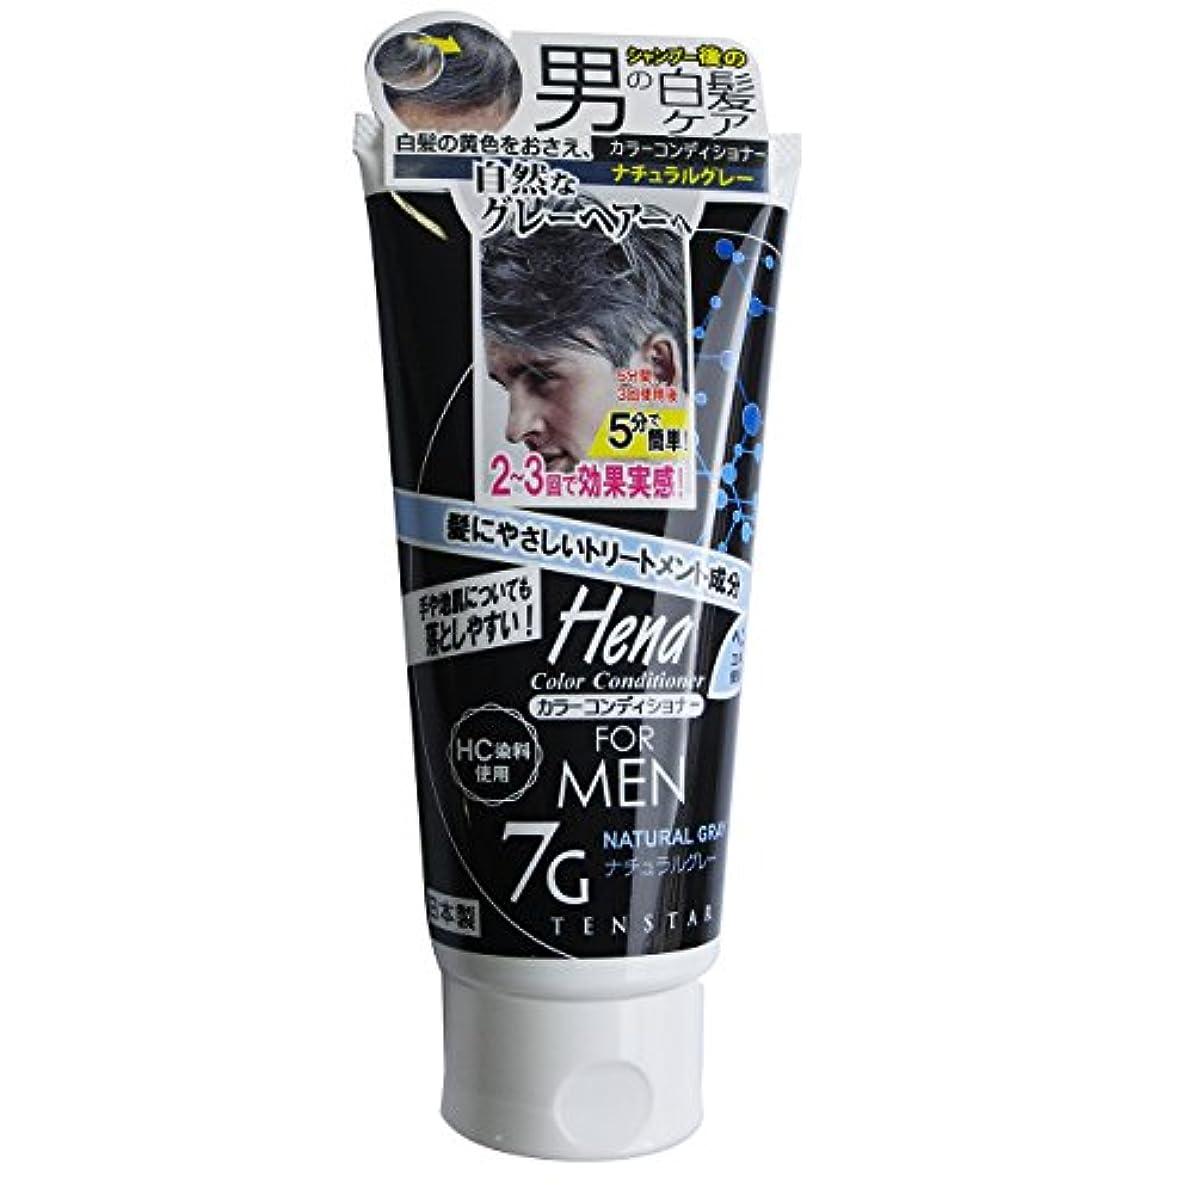 ラインワードローブ亜熱帯テンスター カラーコンディショナー for MEN ナチュラルグレー 178g